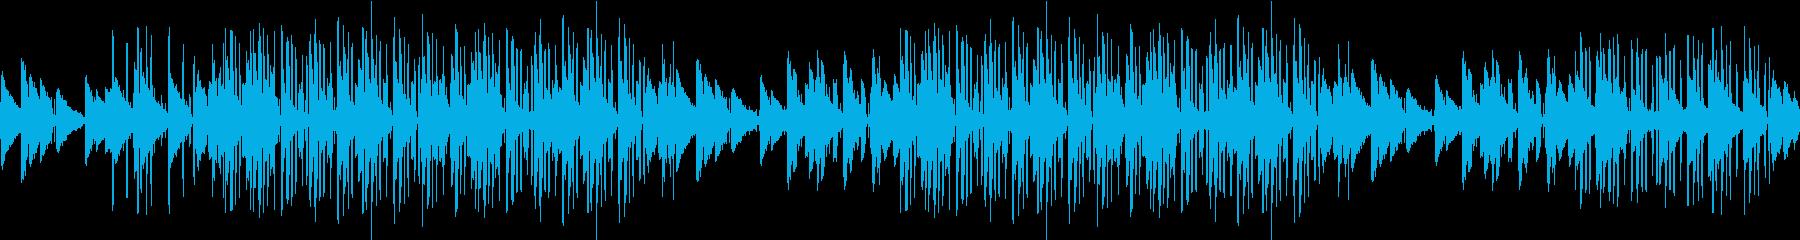 生音・ギター・カフェ・お洒落・リラックスの再生済みの波形